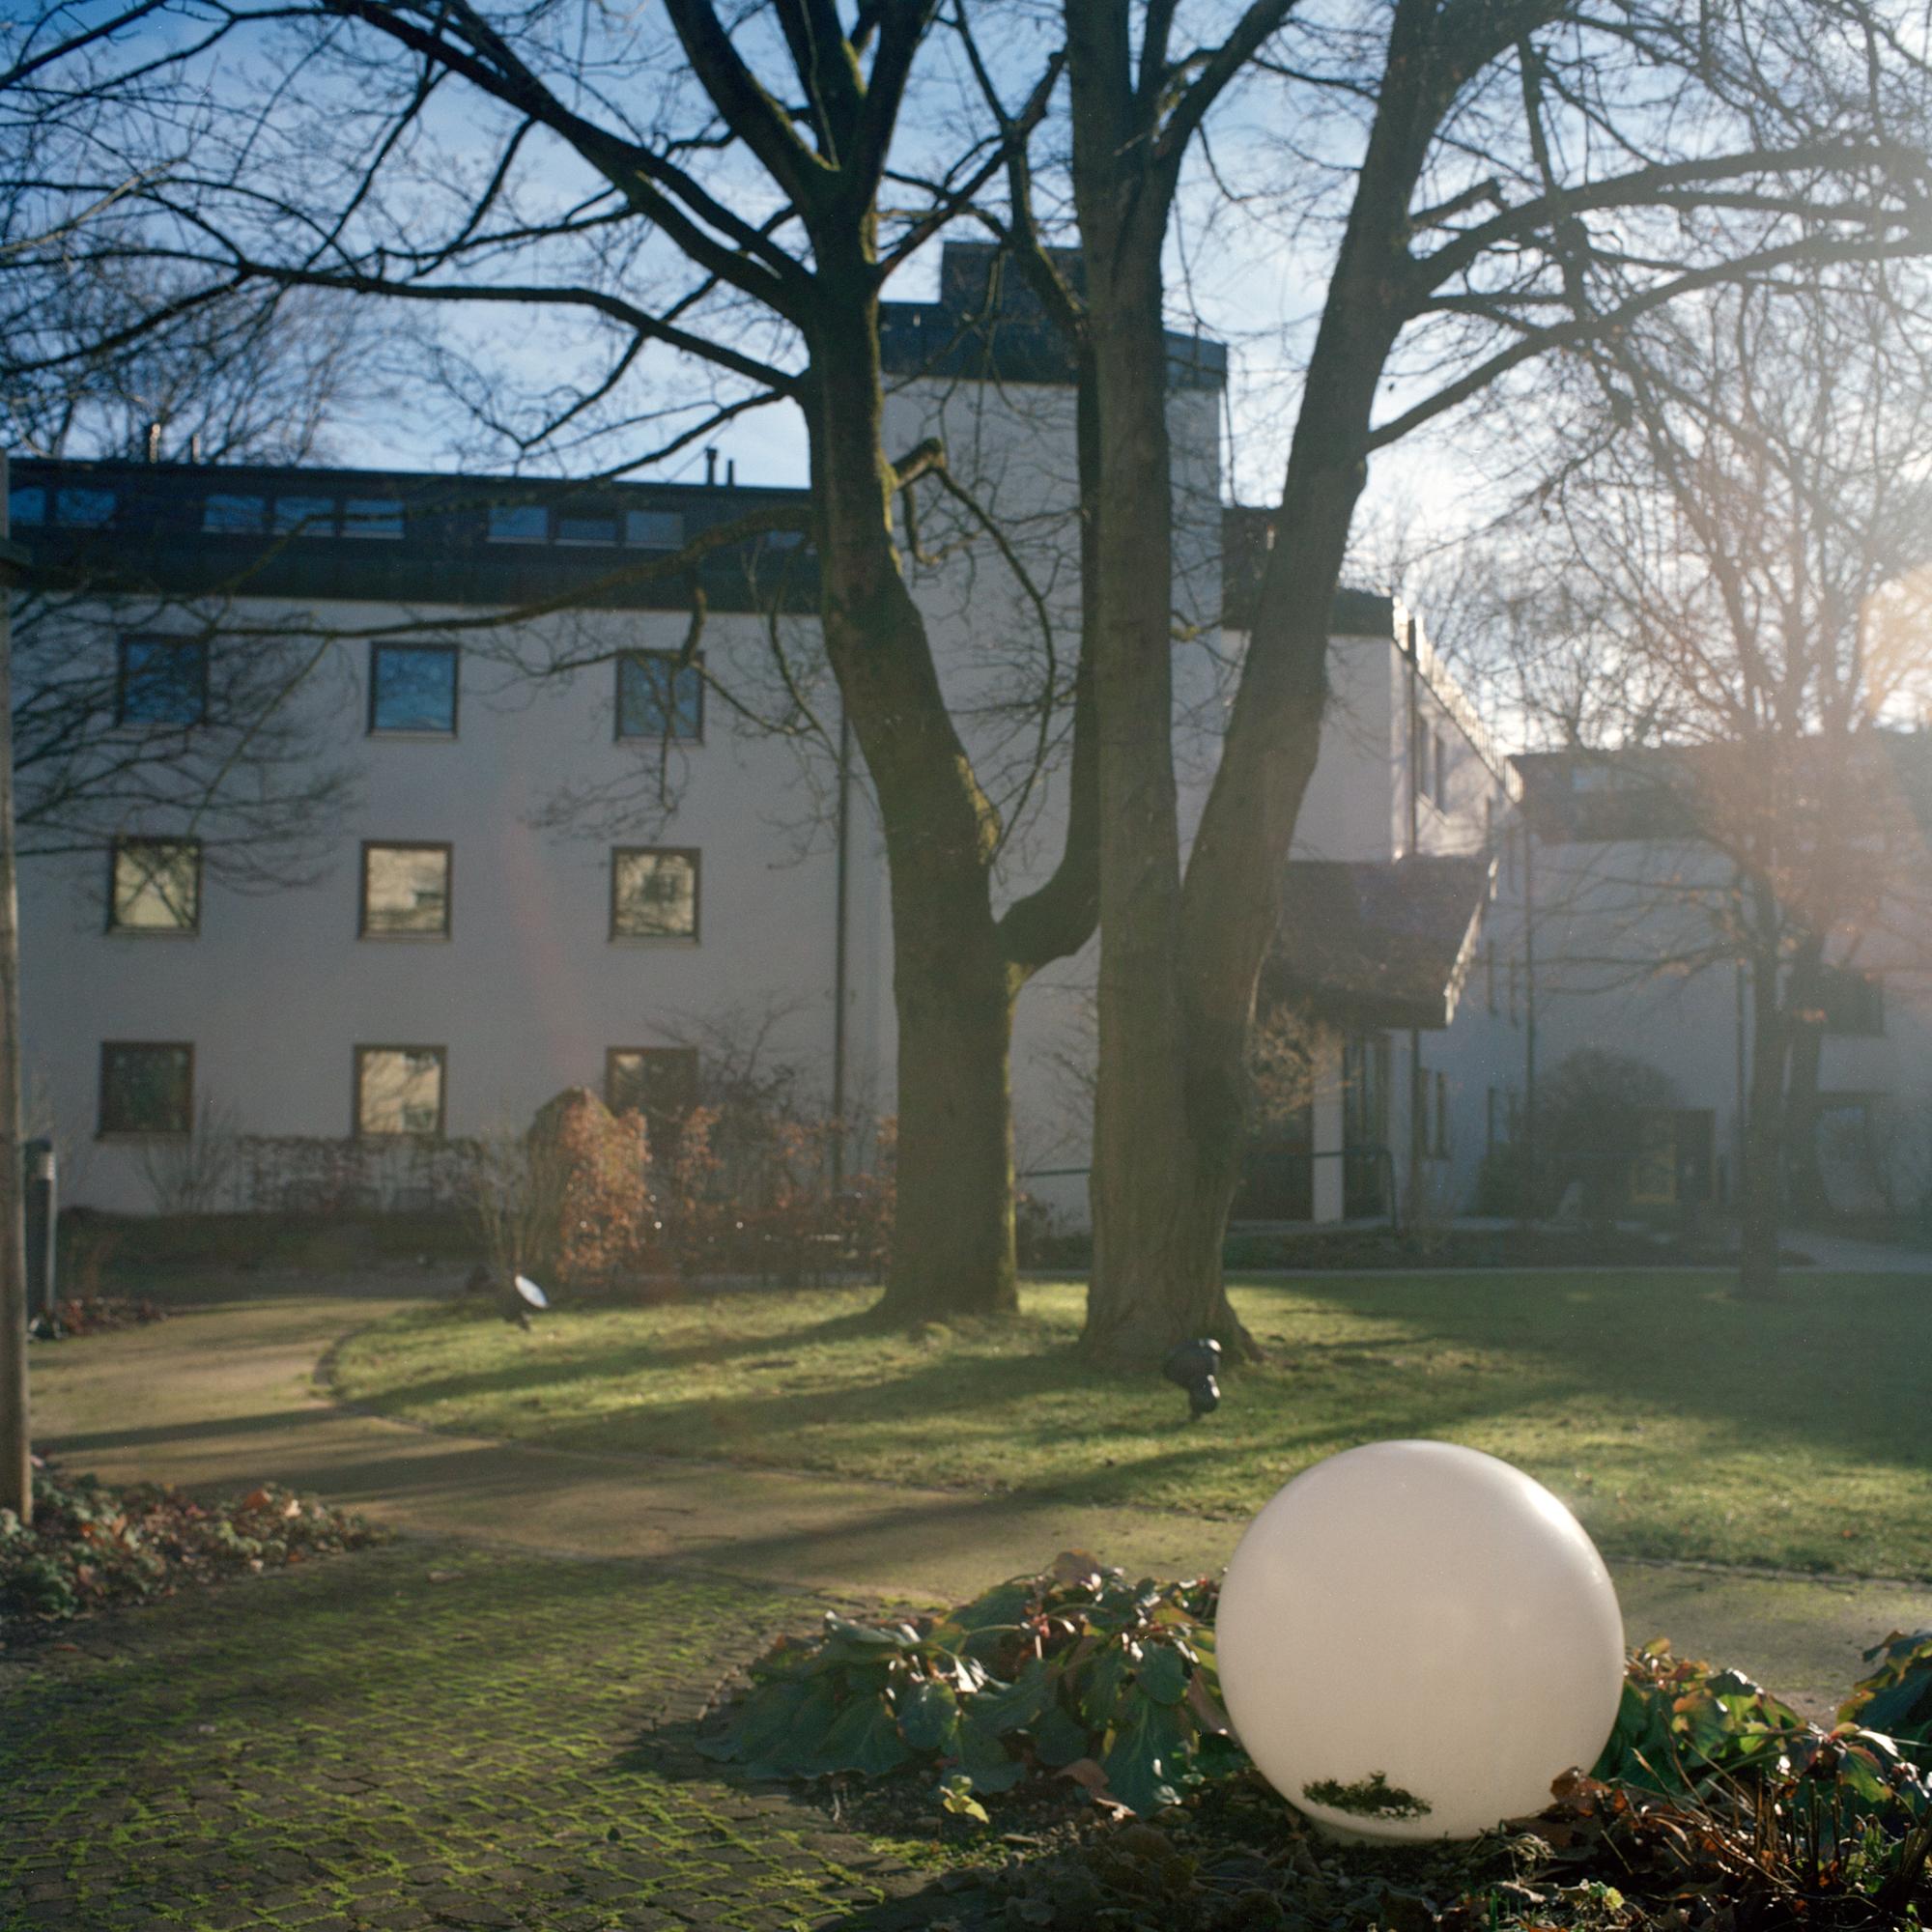 Marienstift, München. Garten im Altenheim Marienstift Muenchen in der Klugstrasse 144, Muenchen am 17. Januar 2011. Fotograf Evi Lemberger